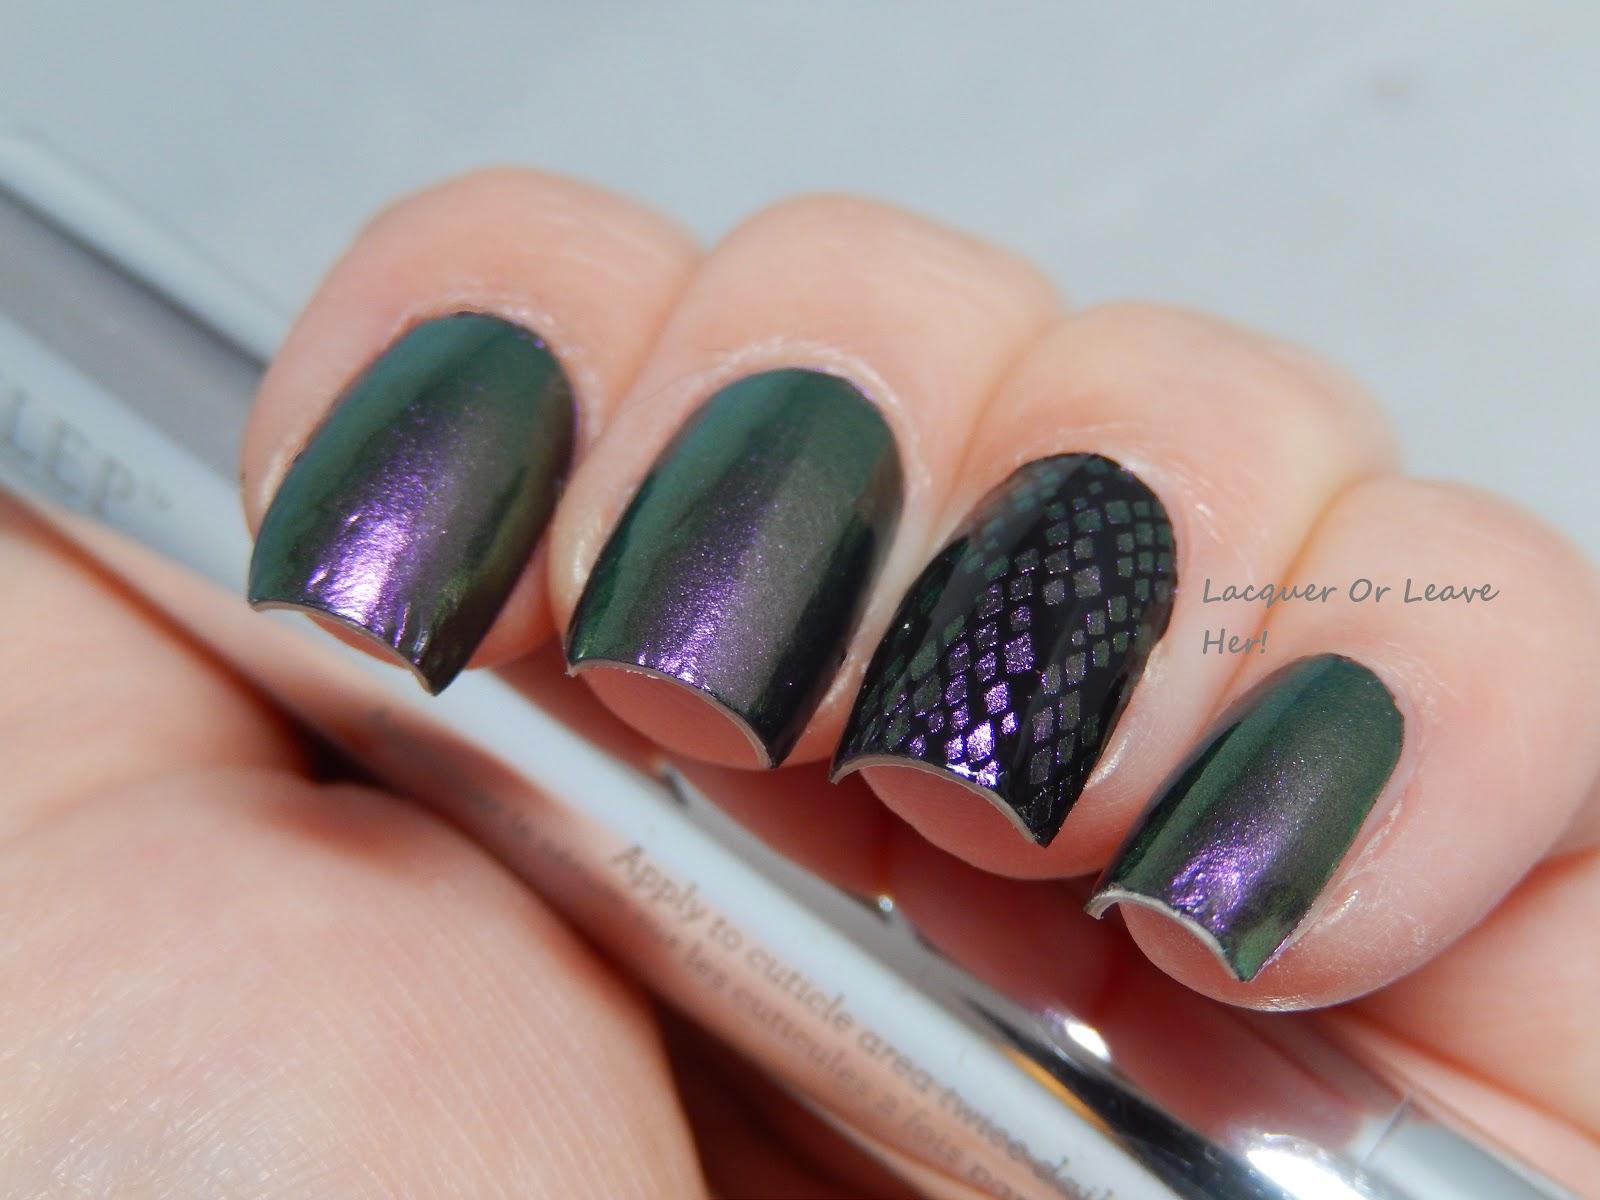 Incoco Duochrome accent nail